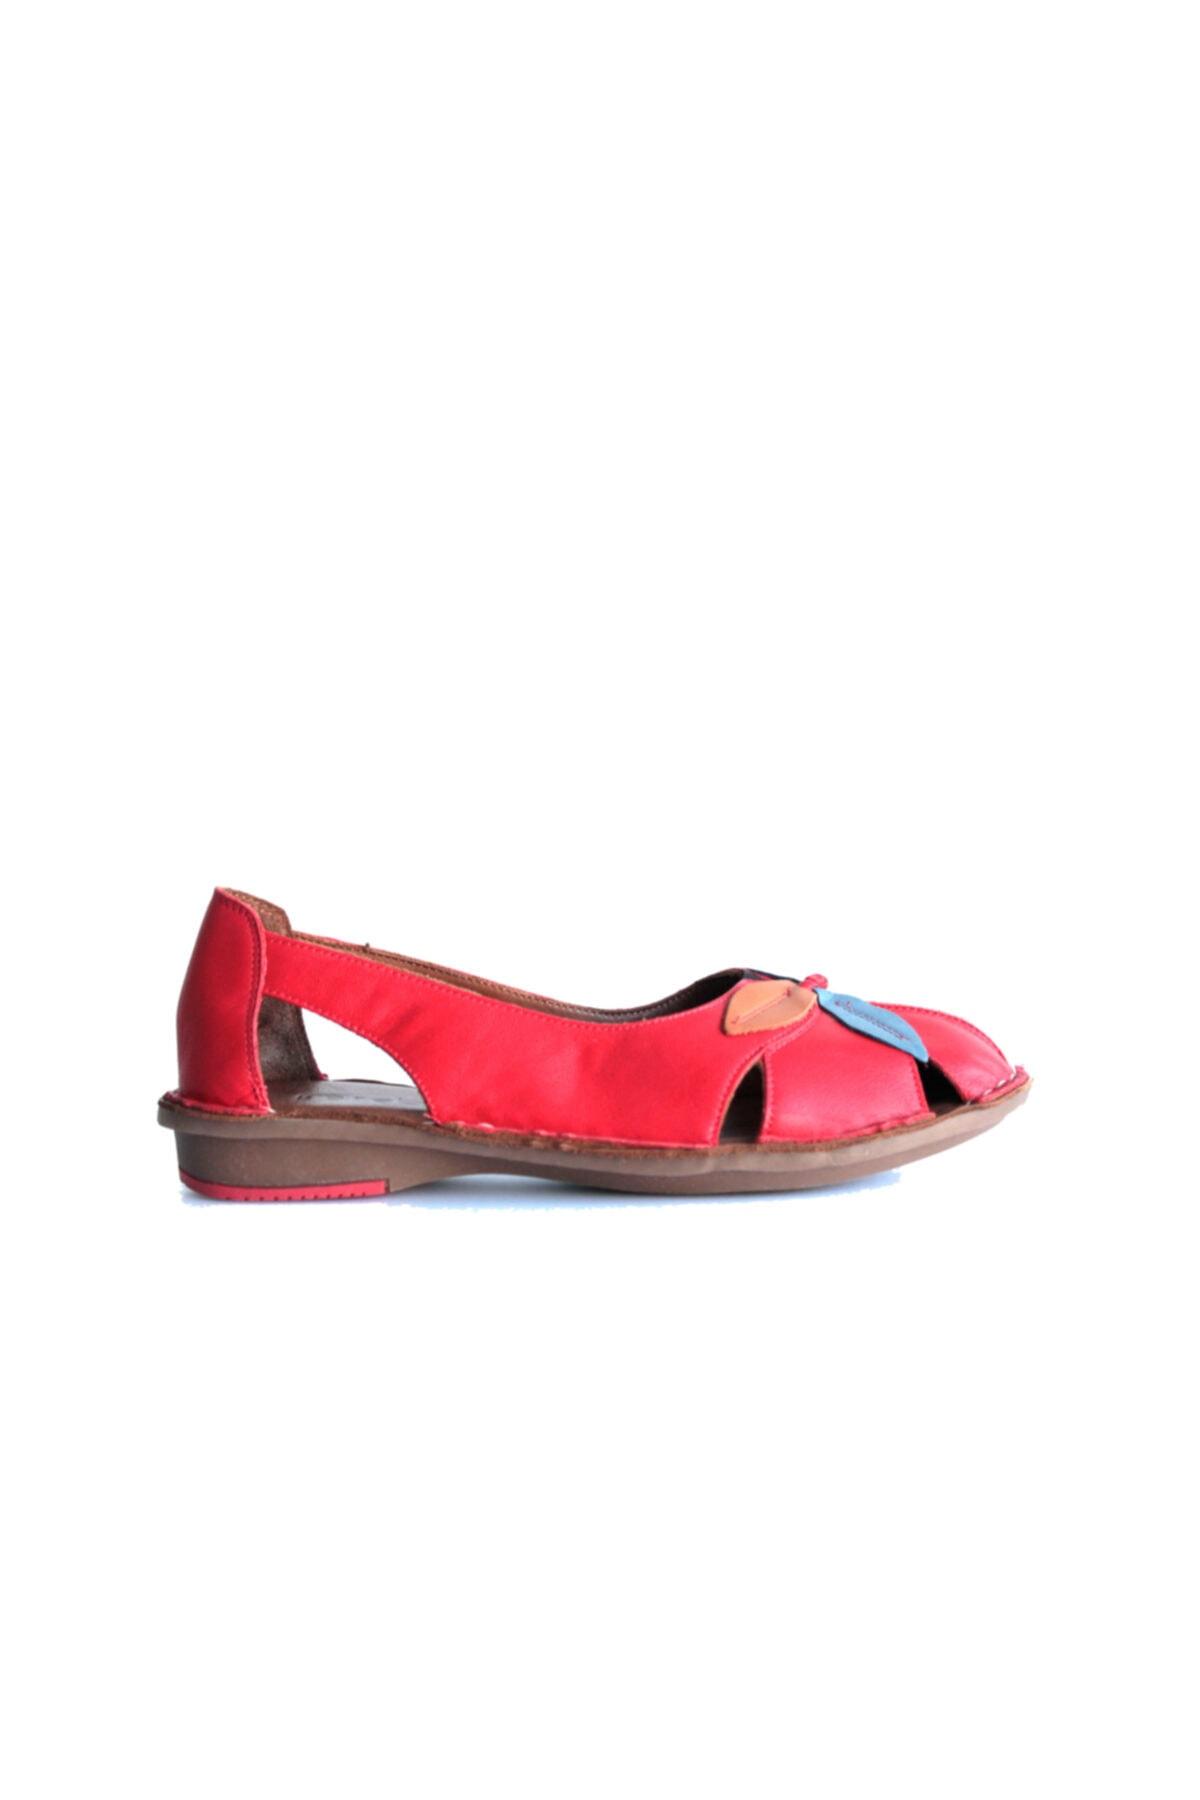 Beta Shoes Kadın Hakiki Deri Günlük Ayakkabı Kırmızı 2